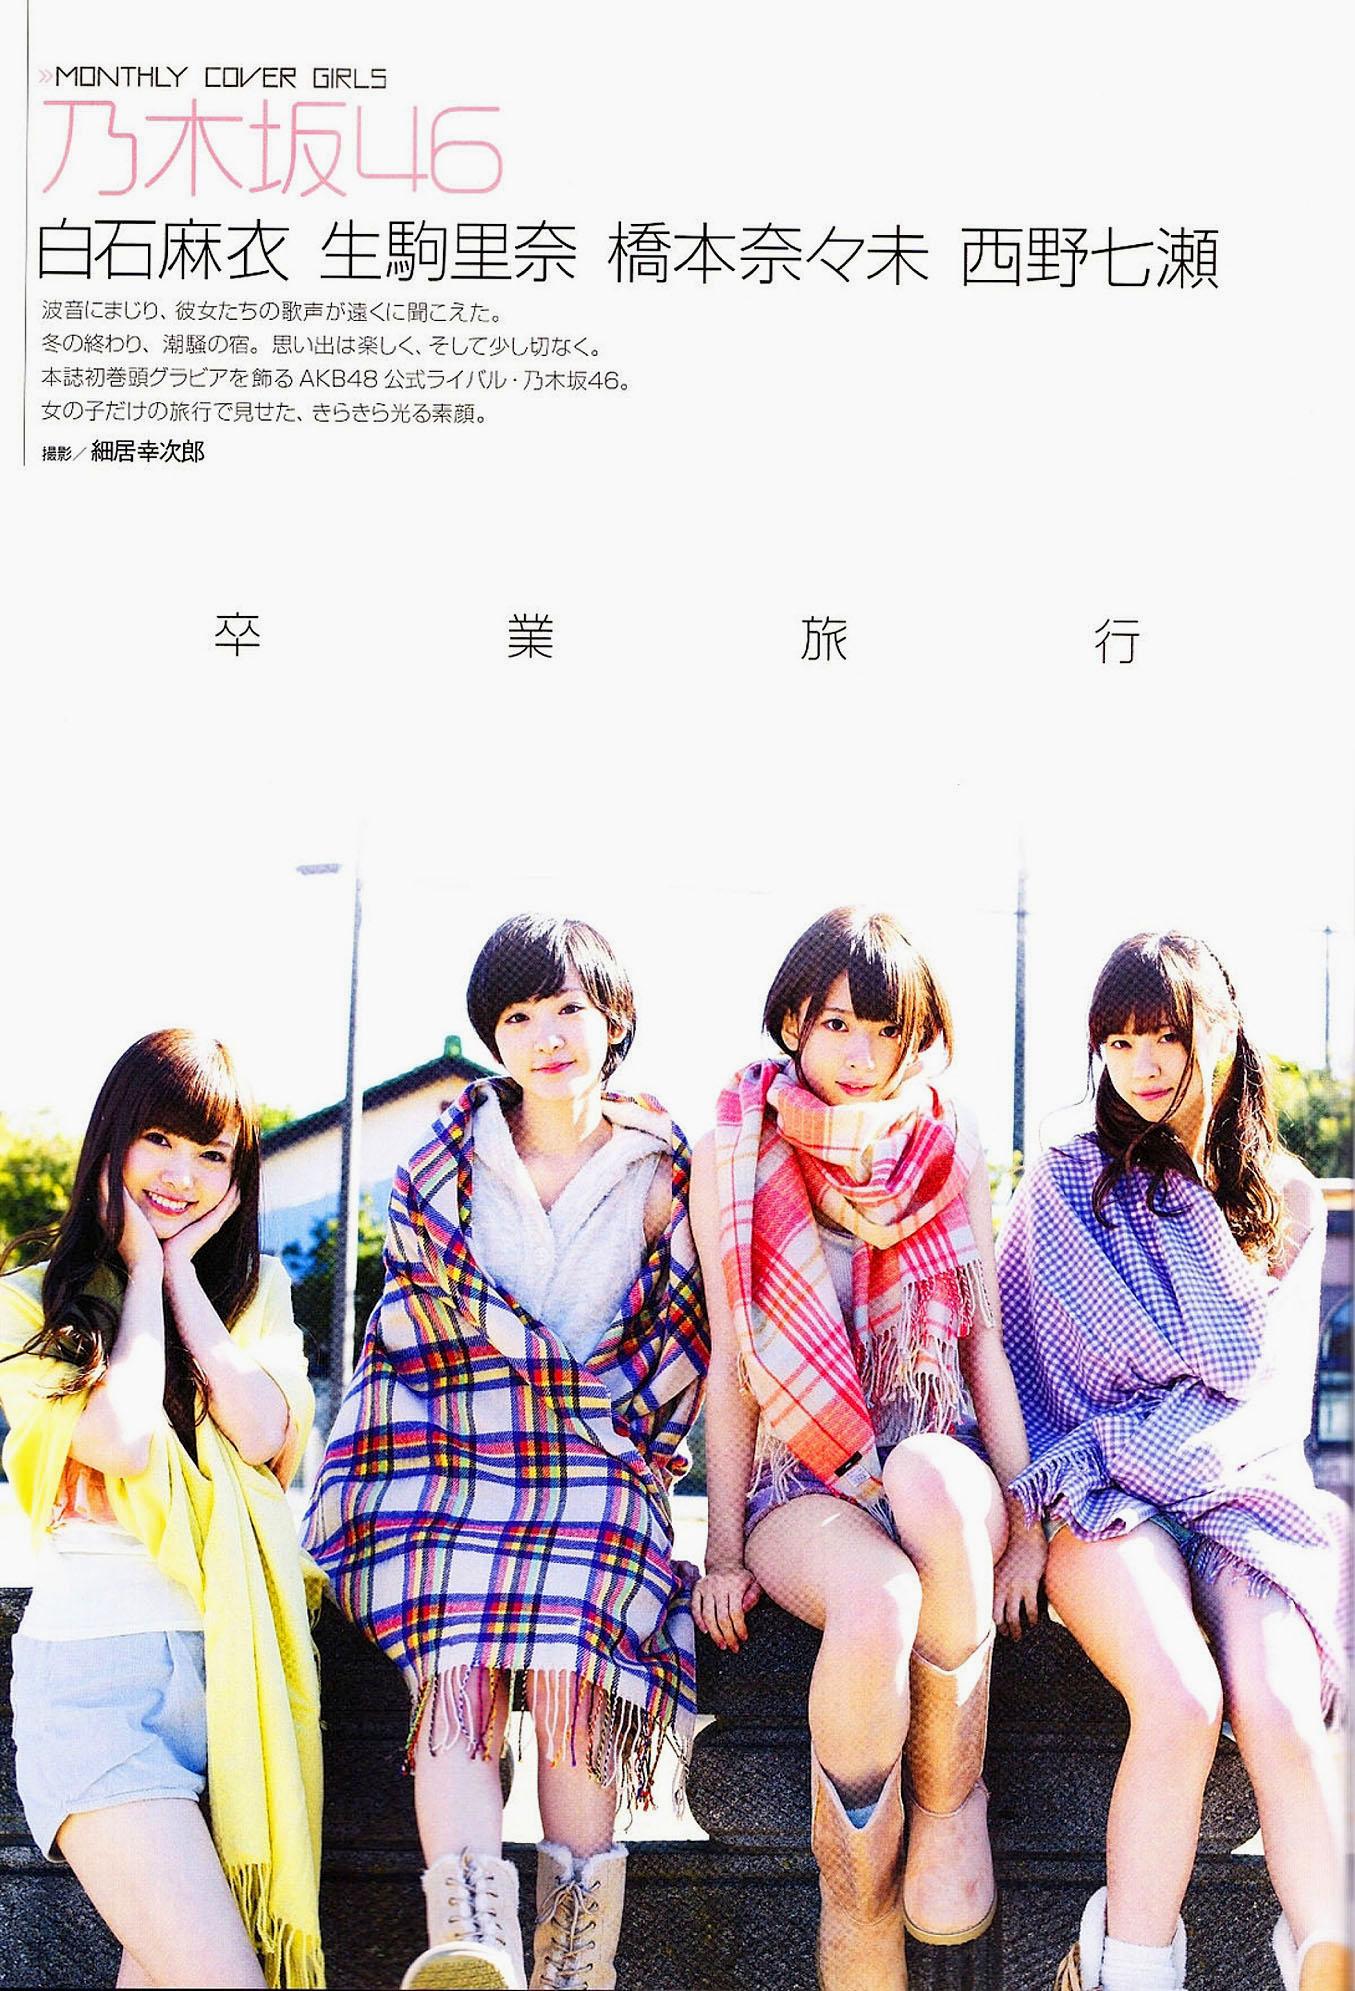 N46 EnTame 1304 04.jpg